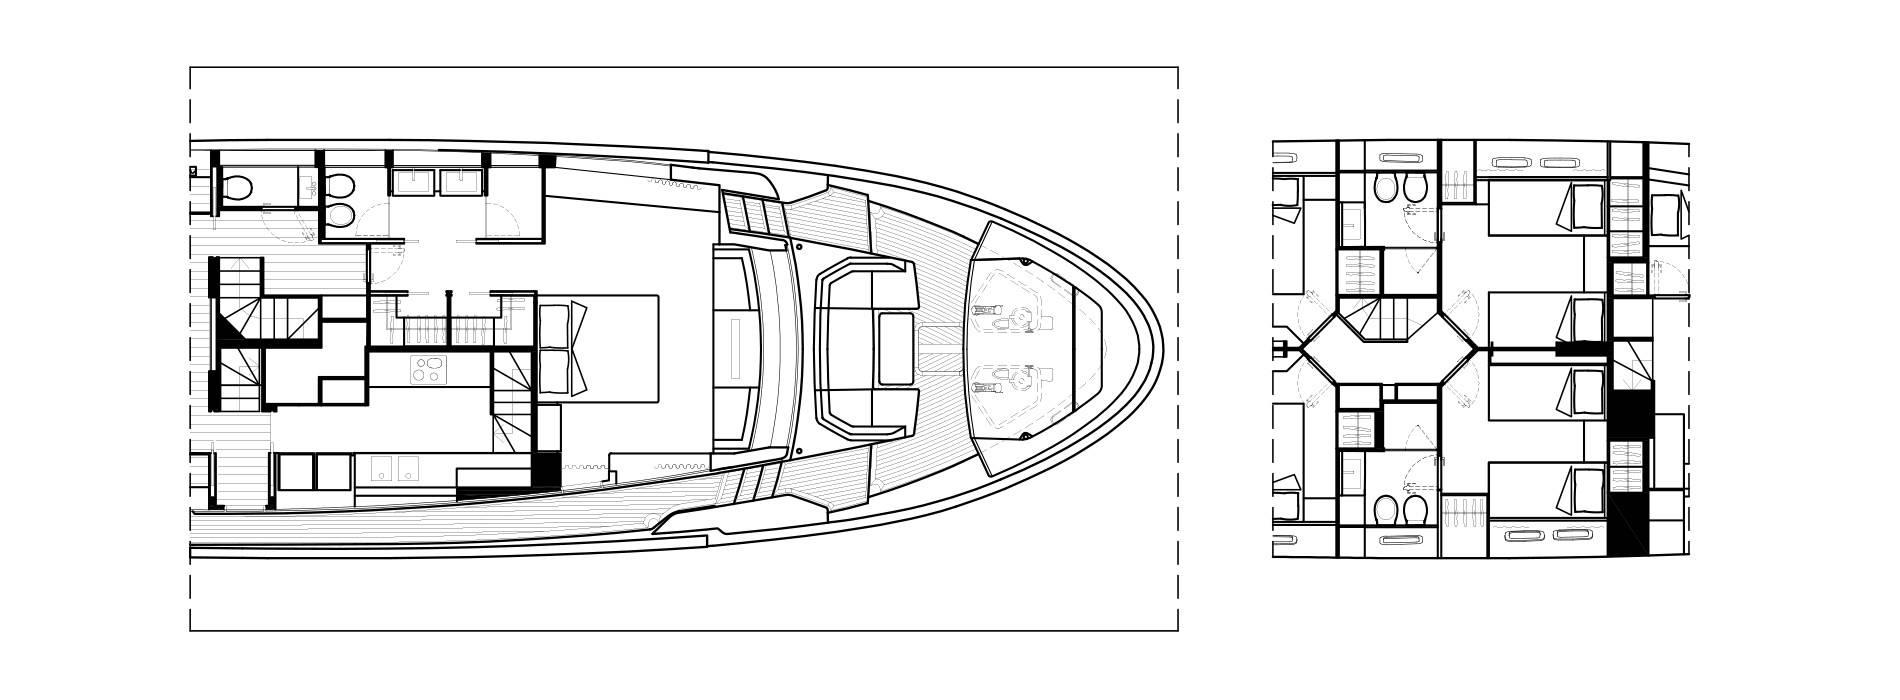 Sanlorenzo Yachts SL102 Asymmetric Dettagli